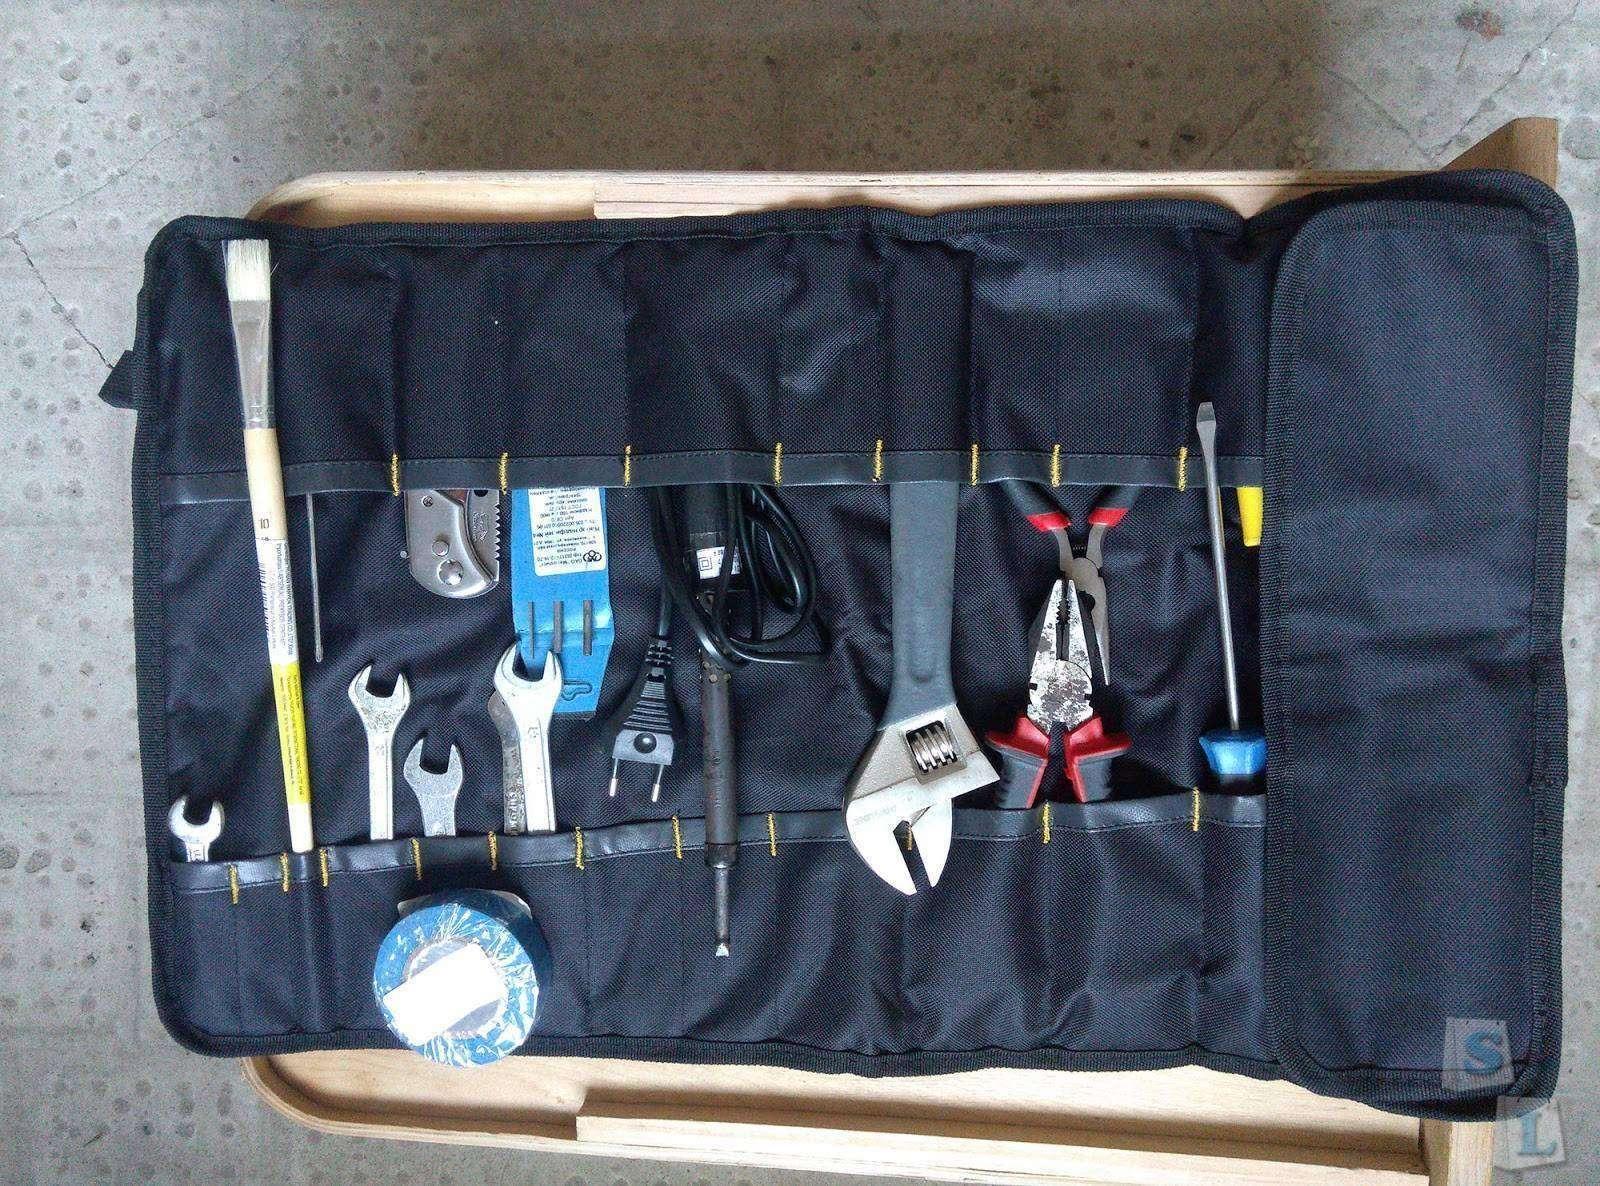 Aliexpress: Сумка для инструментов Оксфорд